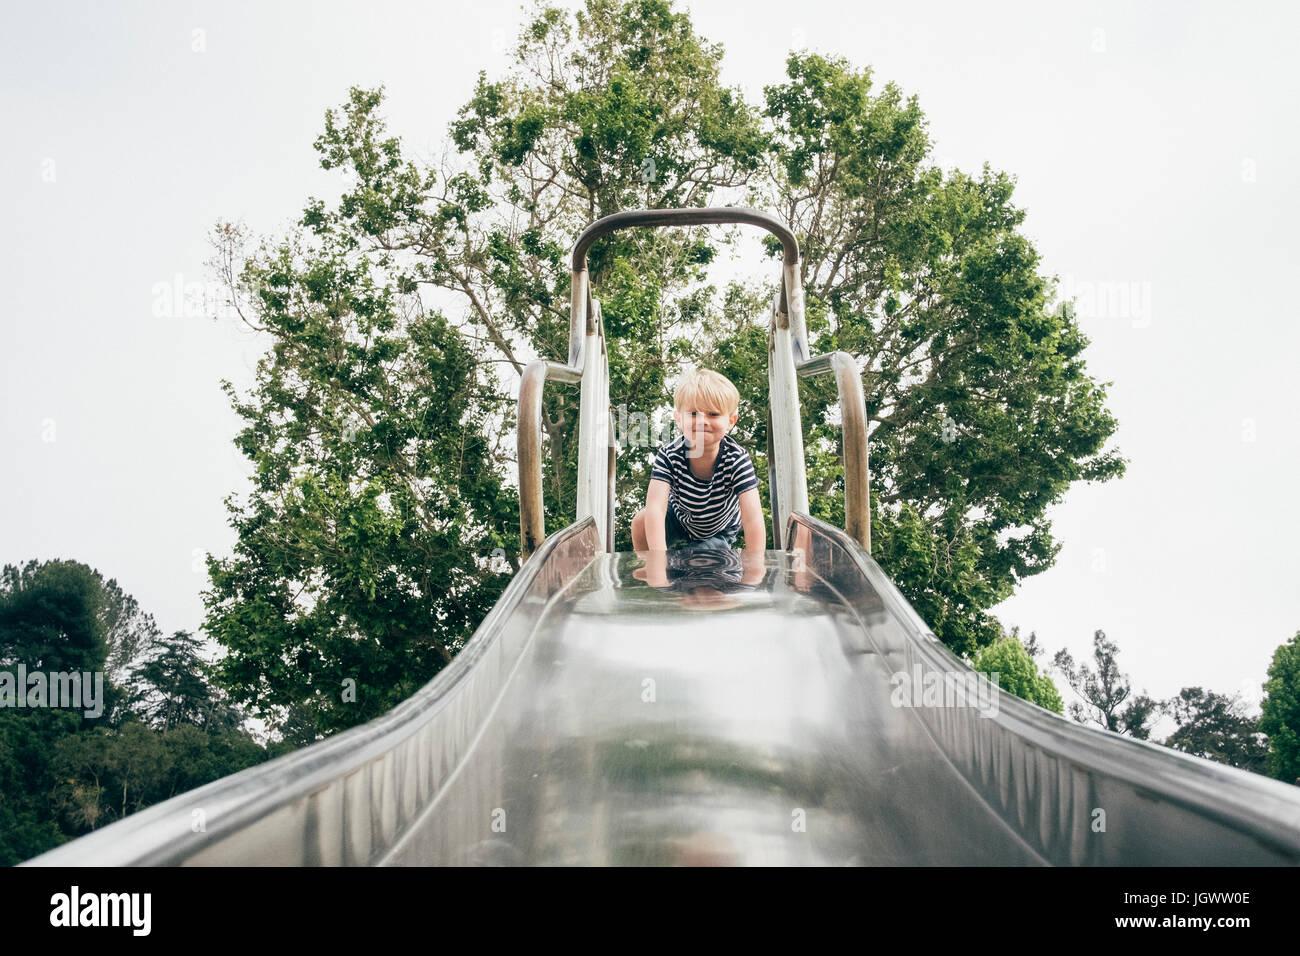 Portrait de jeune garçon en haut de l'aire de glisse, low angle view Photo Stock